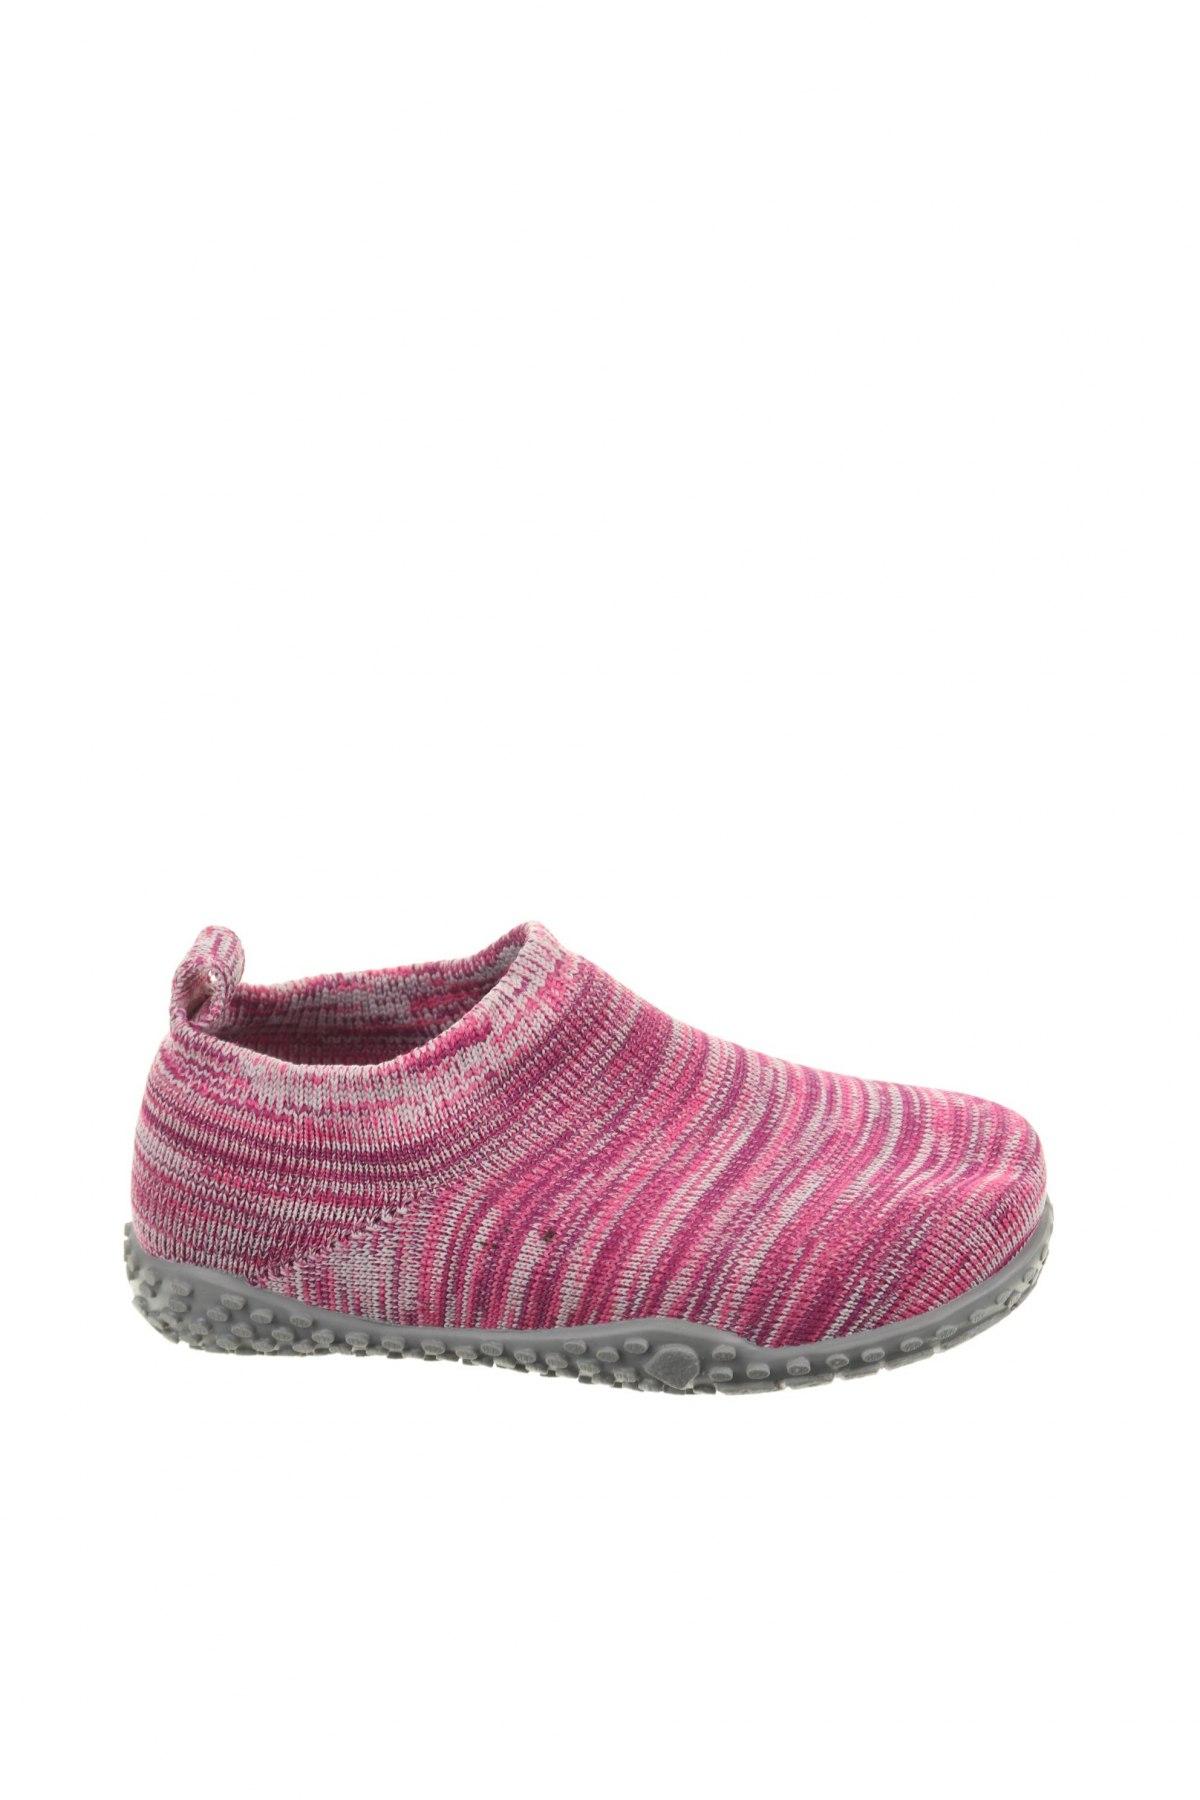 Παιδικά παπούτσια Playshoes, Μέγεθος 24, Χρώμα Ρόζ , Κλωστοϋφαντουργικά προϊόντα, Τιμή 12,57€